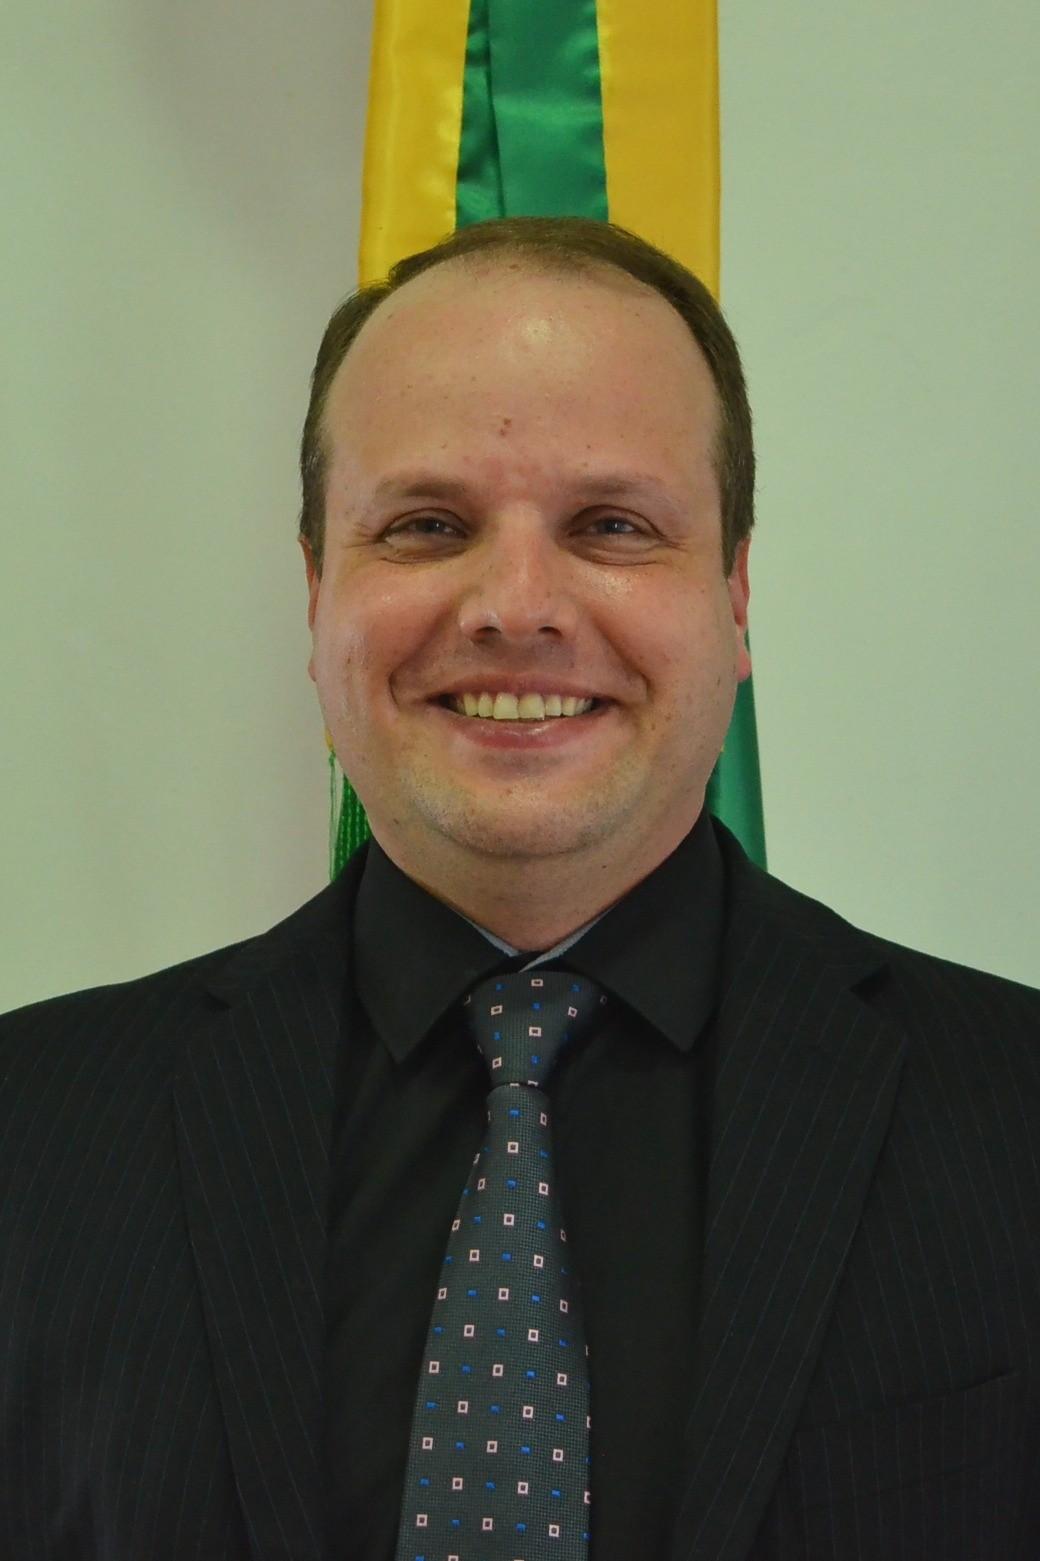 Foto de perfil - Claus Nelson Altevogt